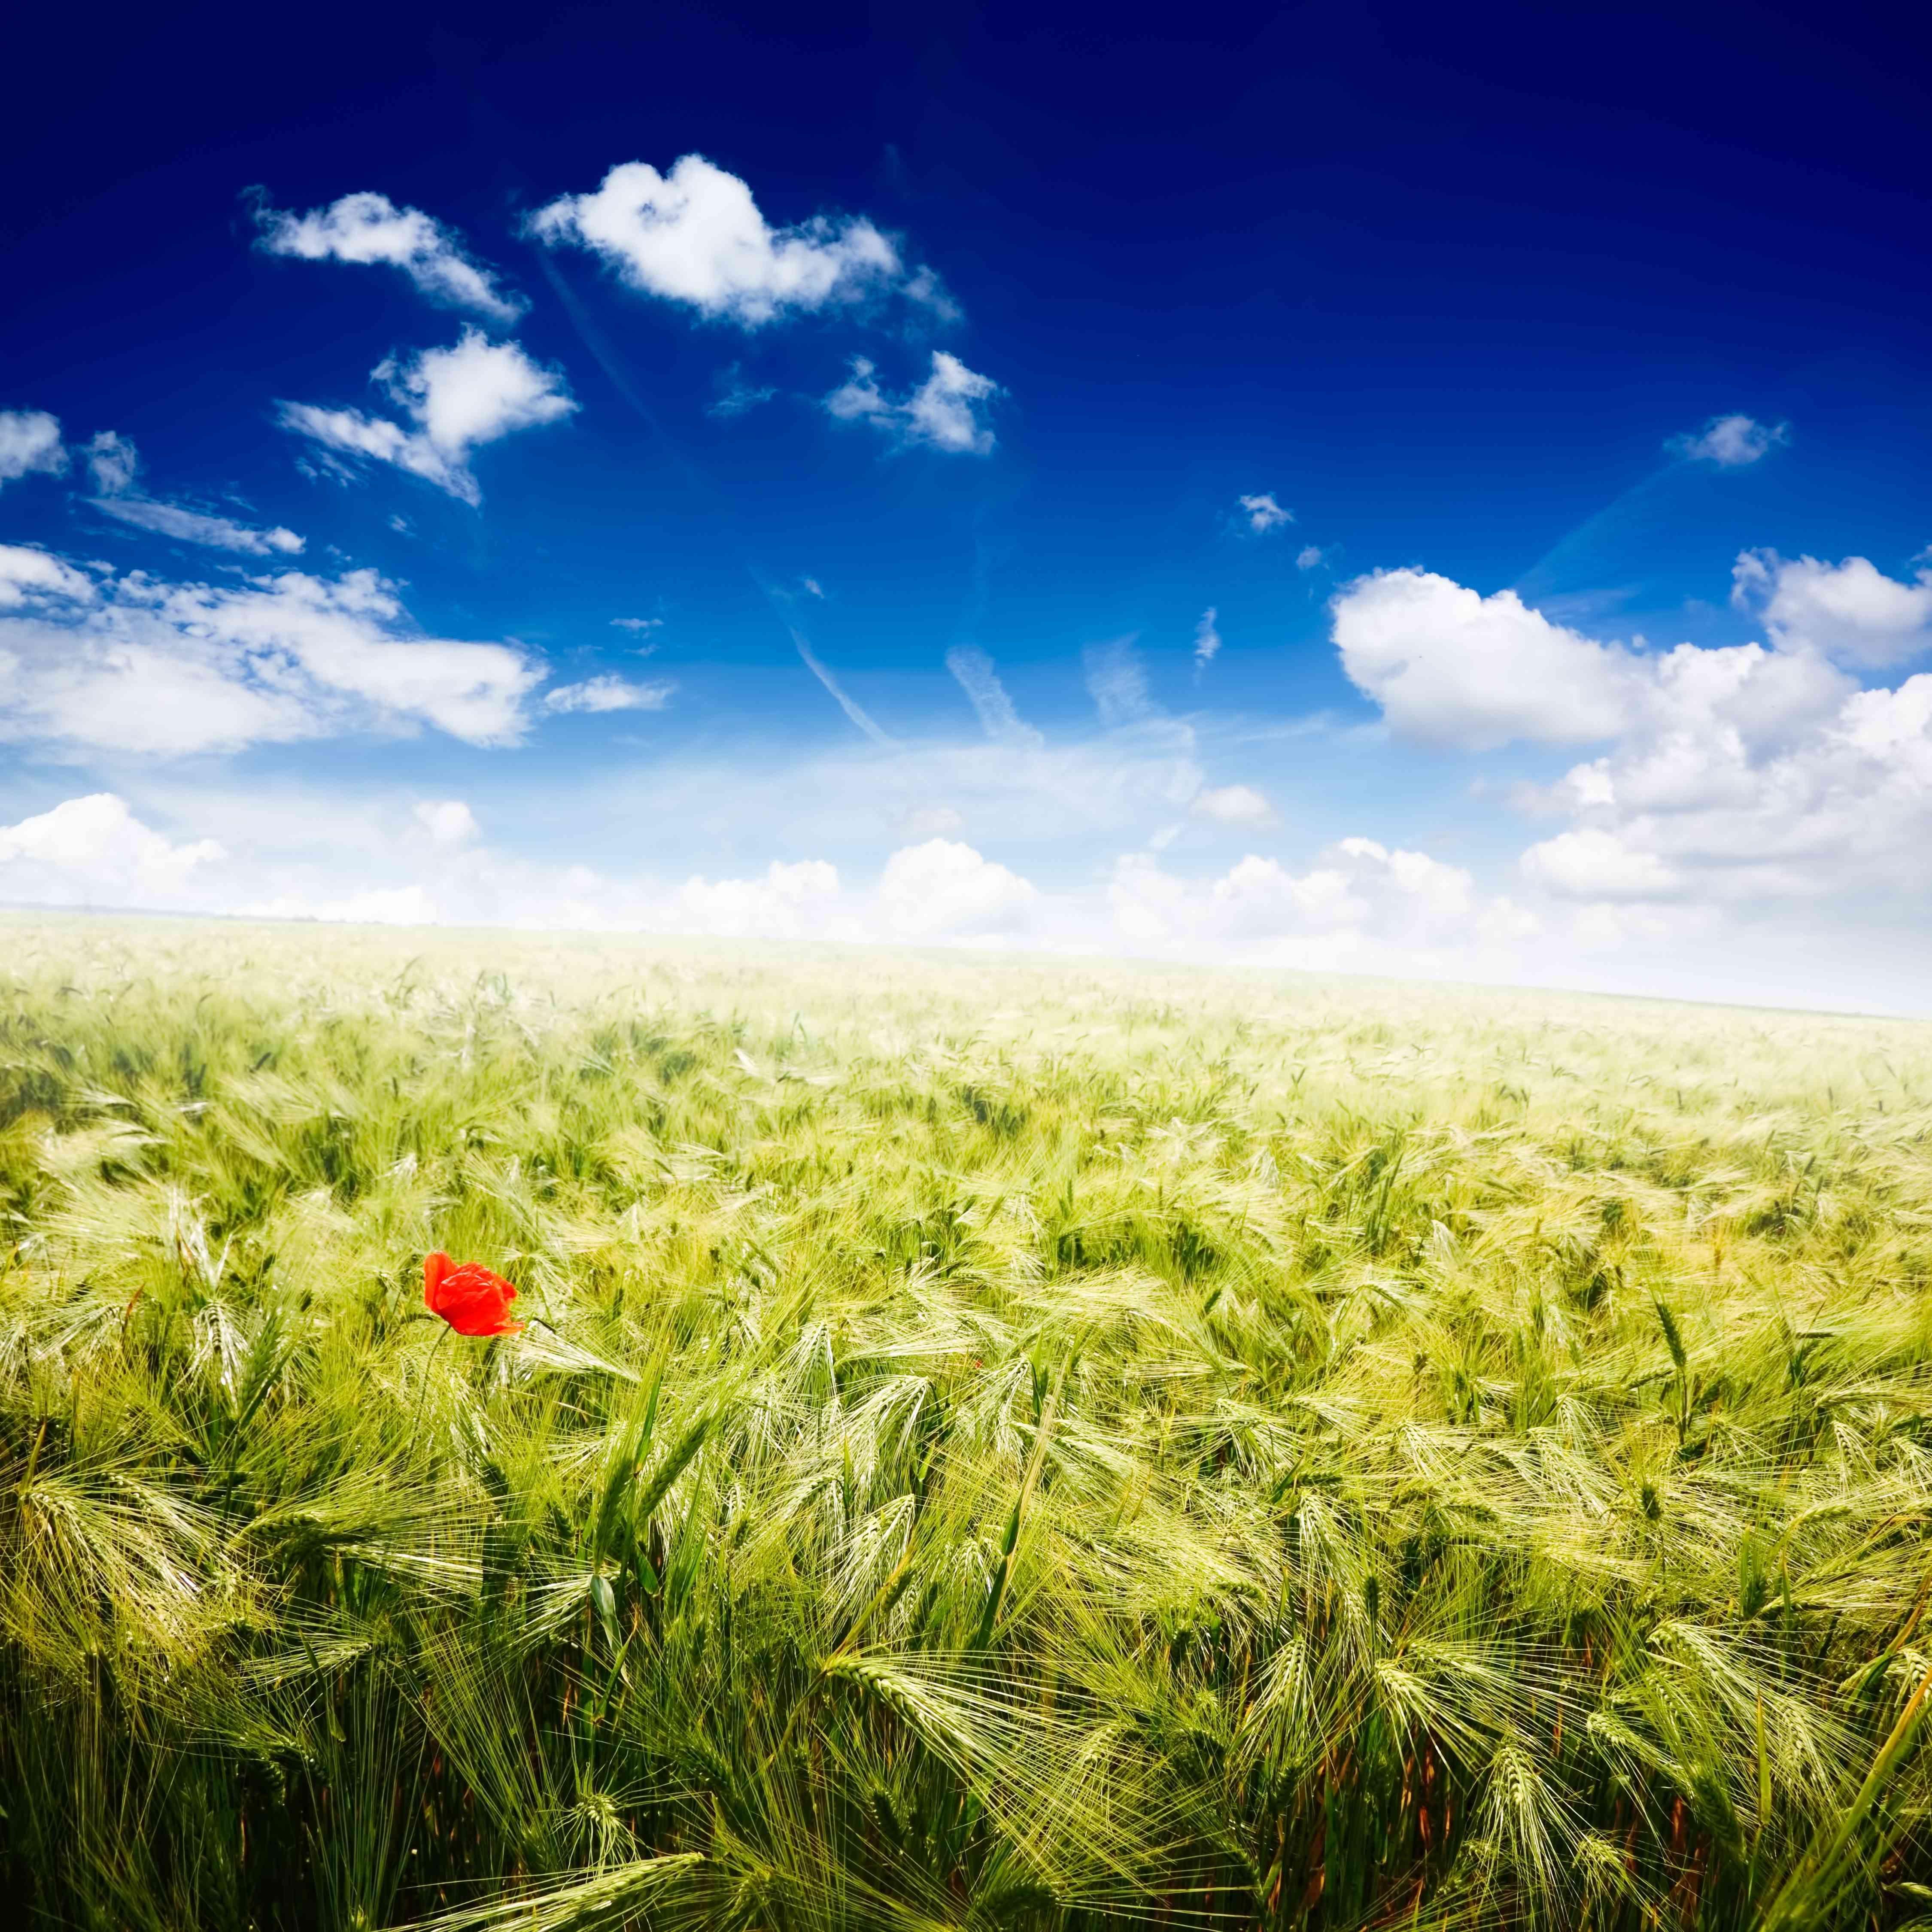 Farmfield Landscape